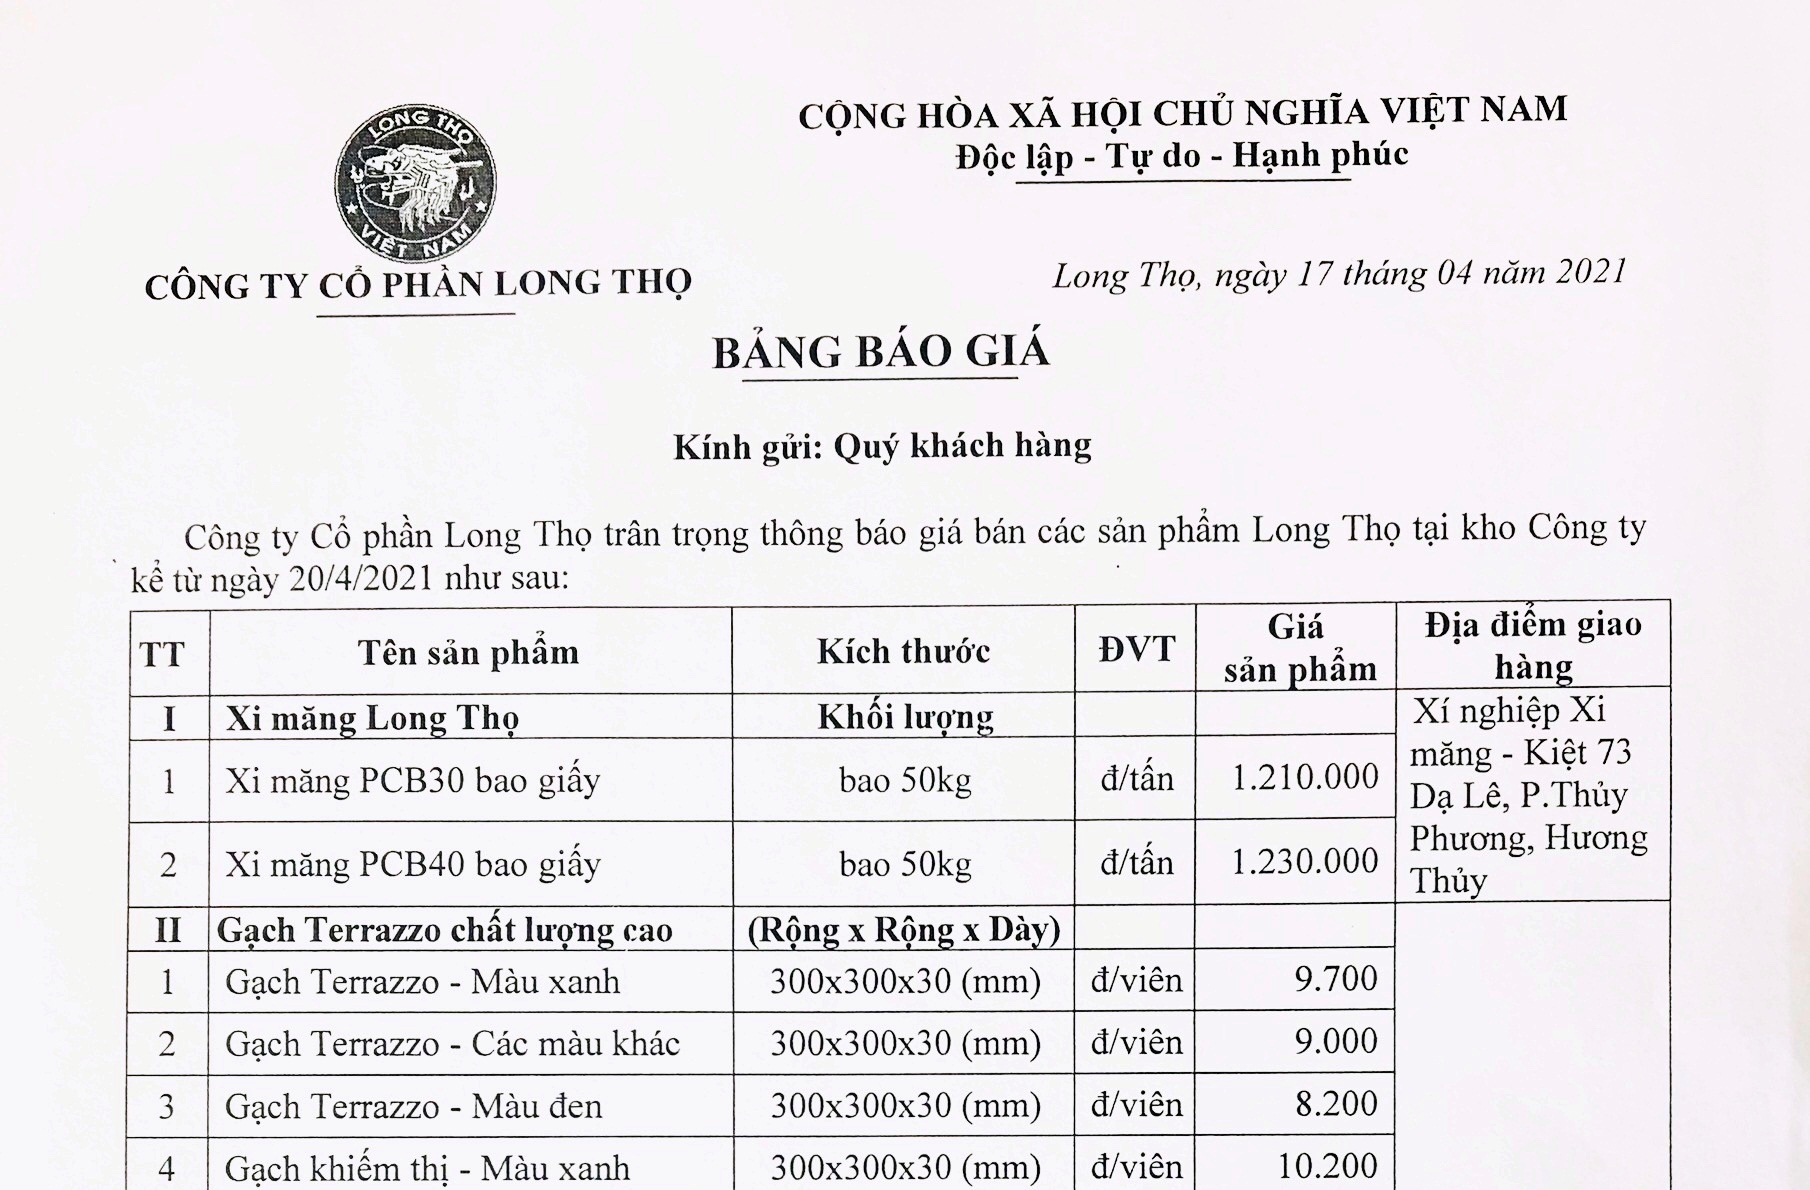 Thông báo giá bán các sản phẩm Long Thọ từ ngày 20.4.2021